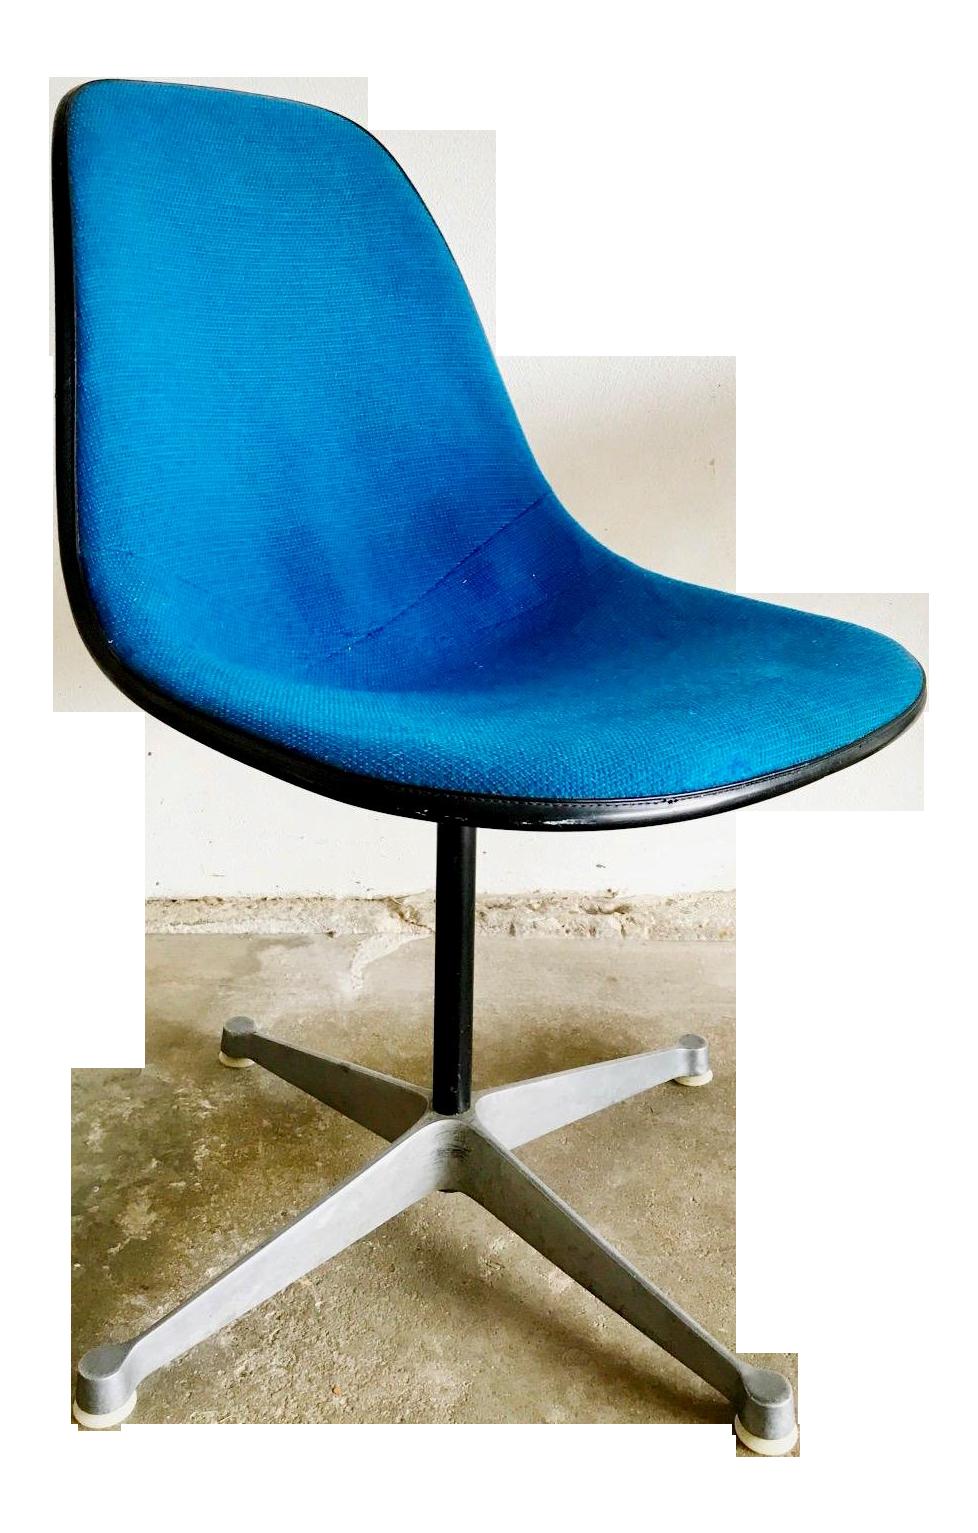 Herman Miller Blue Wool Upholstery U0026 Fiberglass Shell Chair